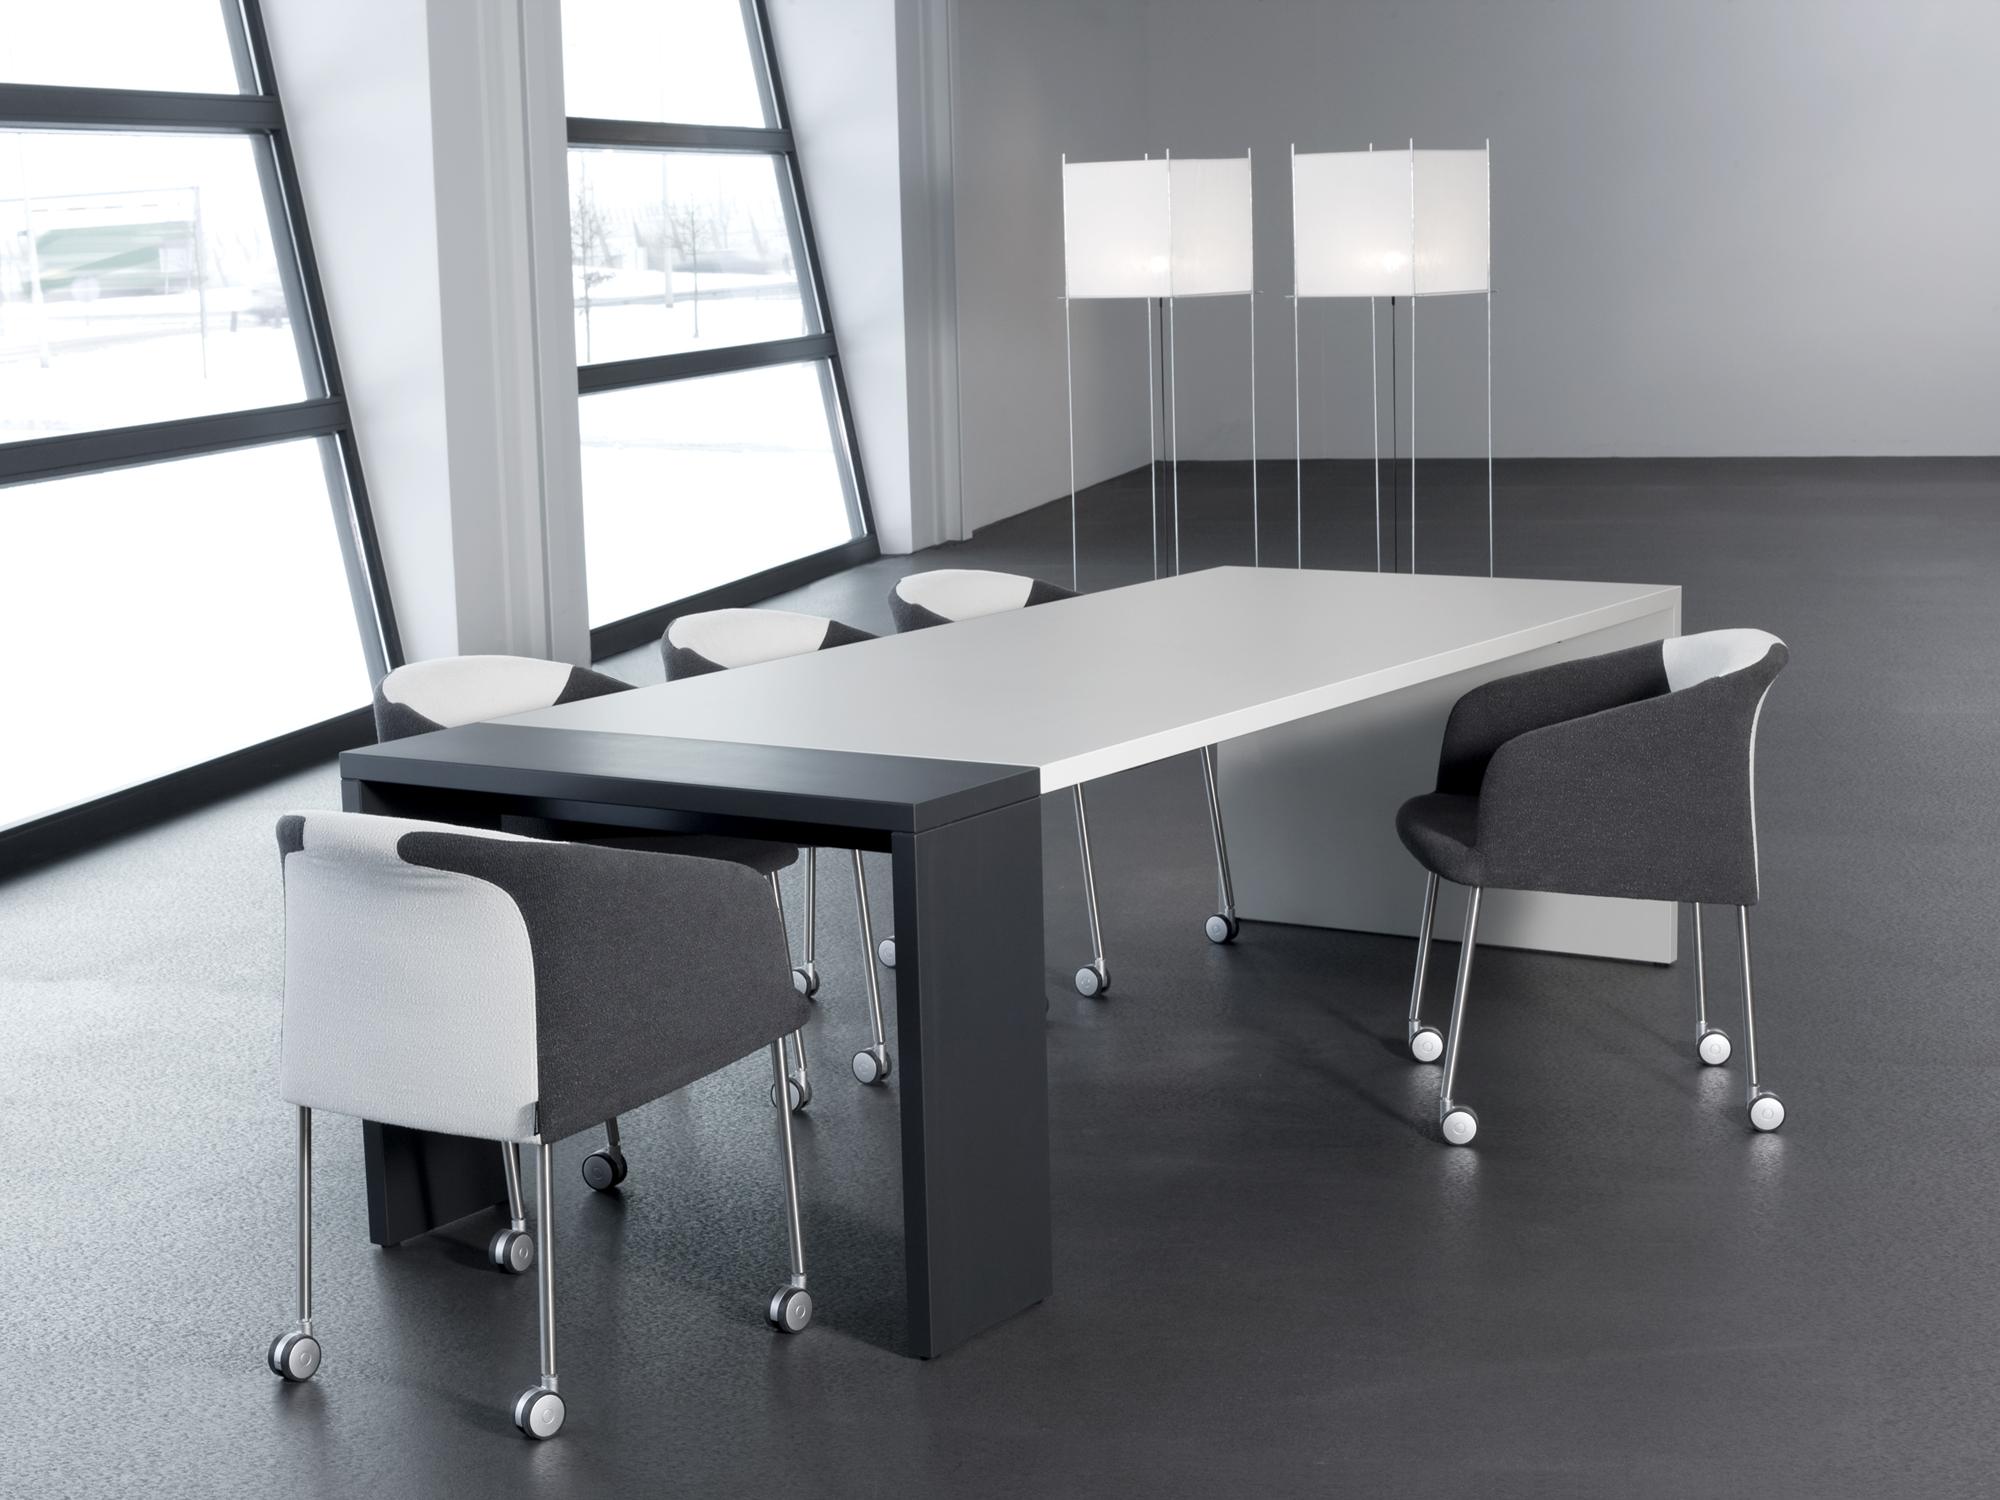 LVV, ontwerp door Marieke Castelijn